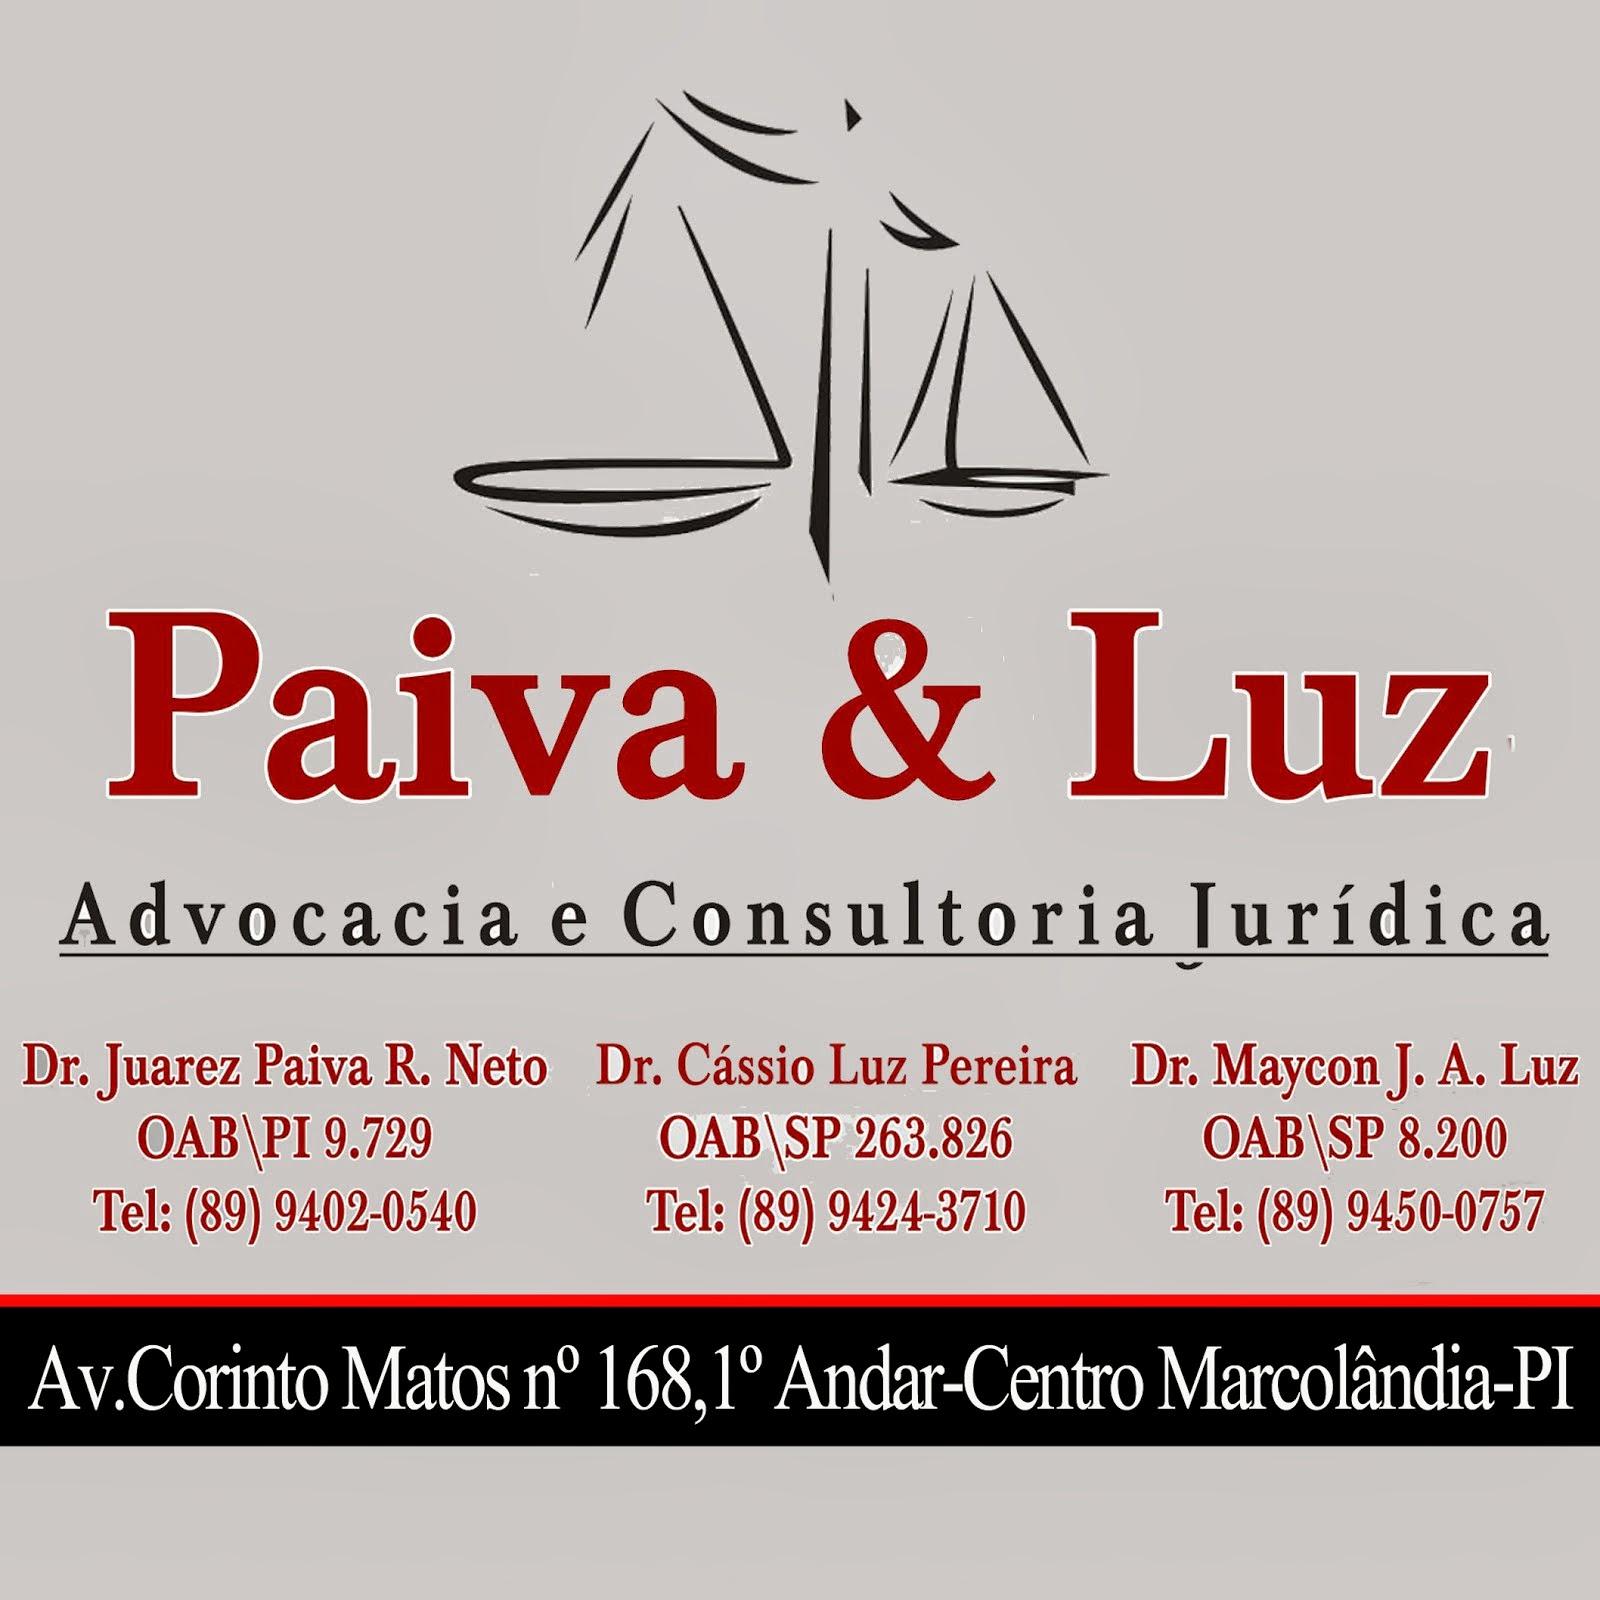 PAIVA  & LUZ